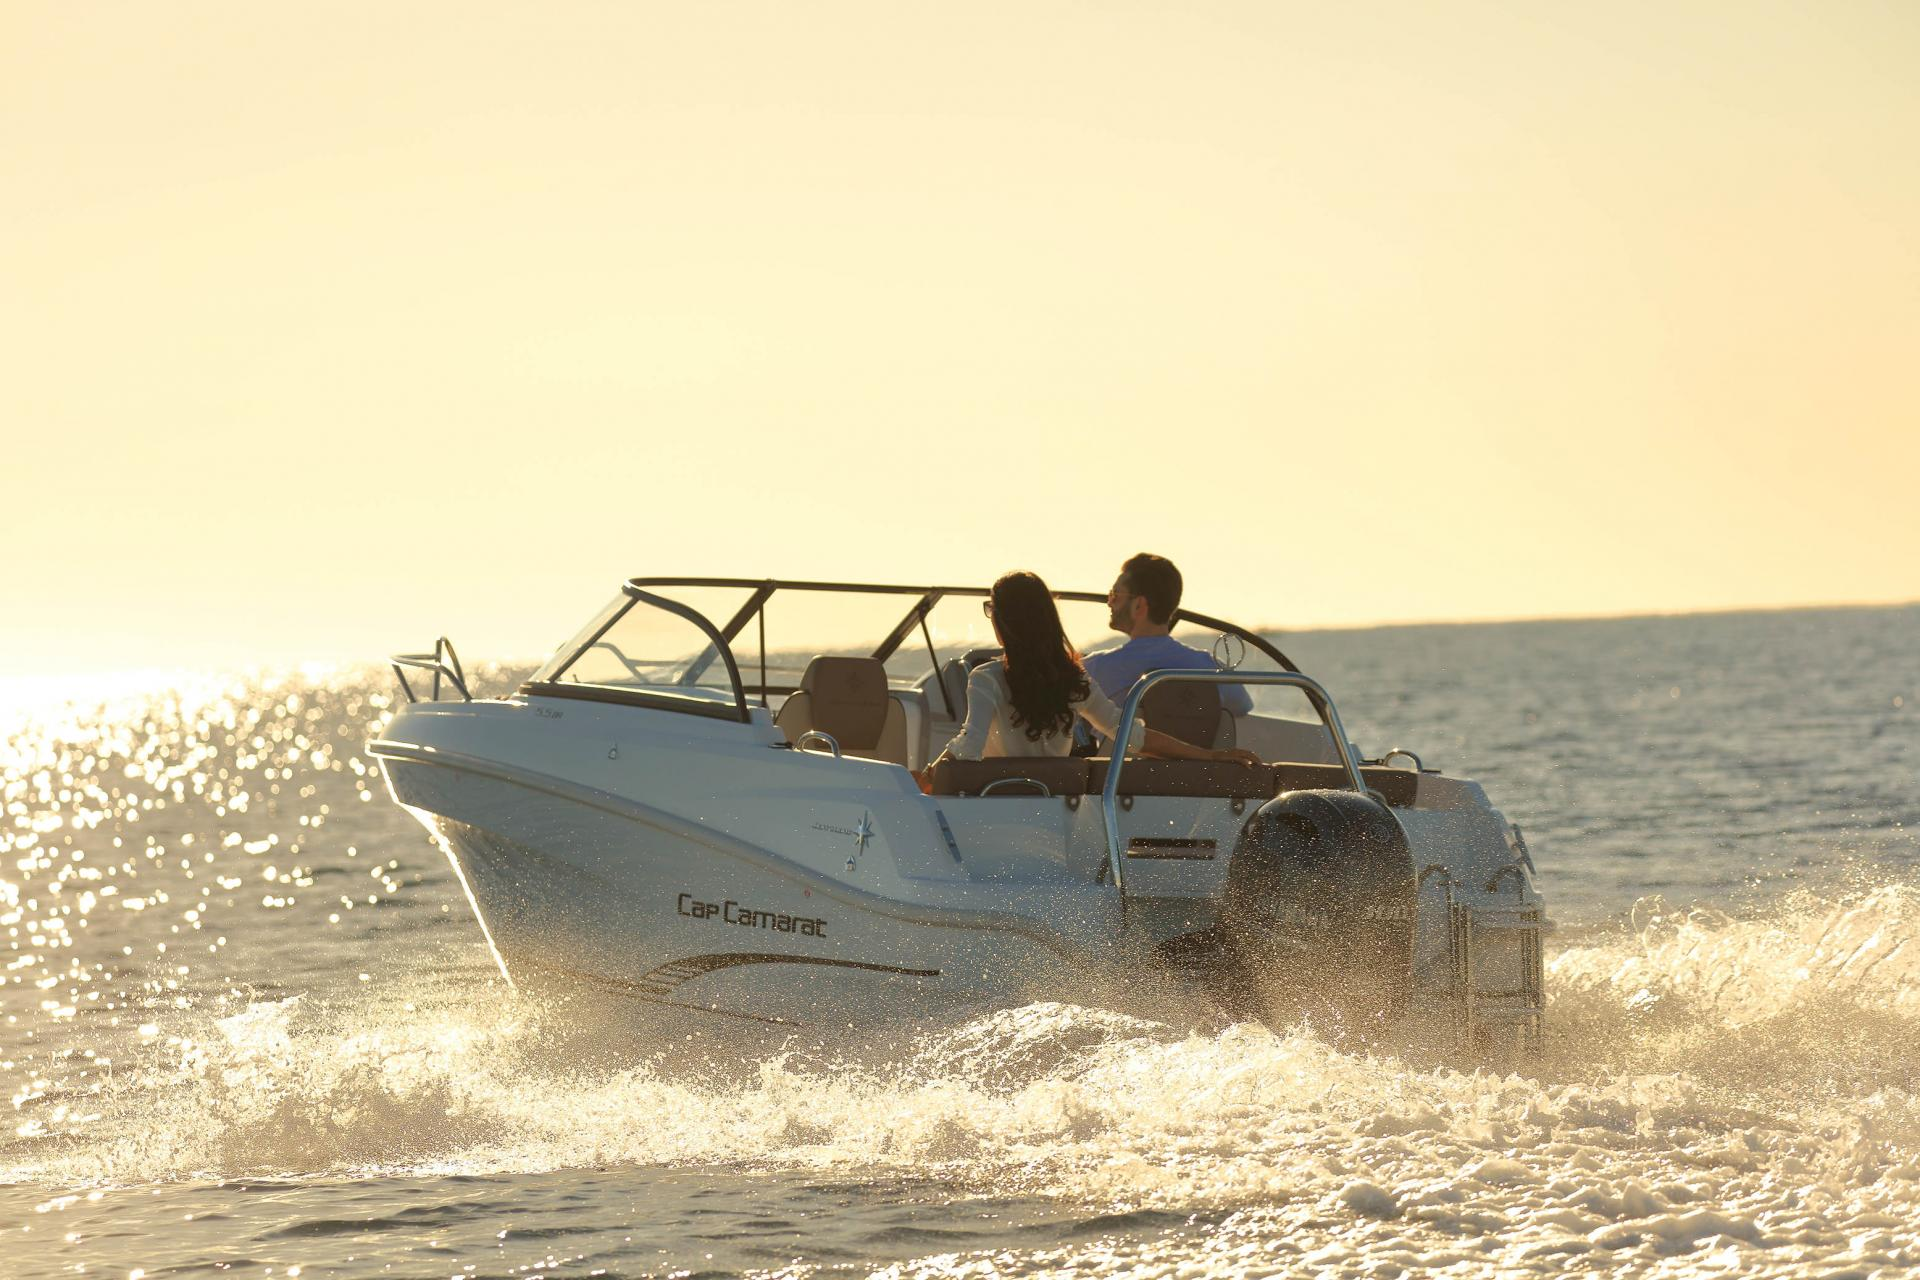 5.5 br فروش قایق (2)